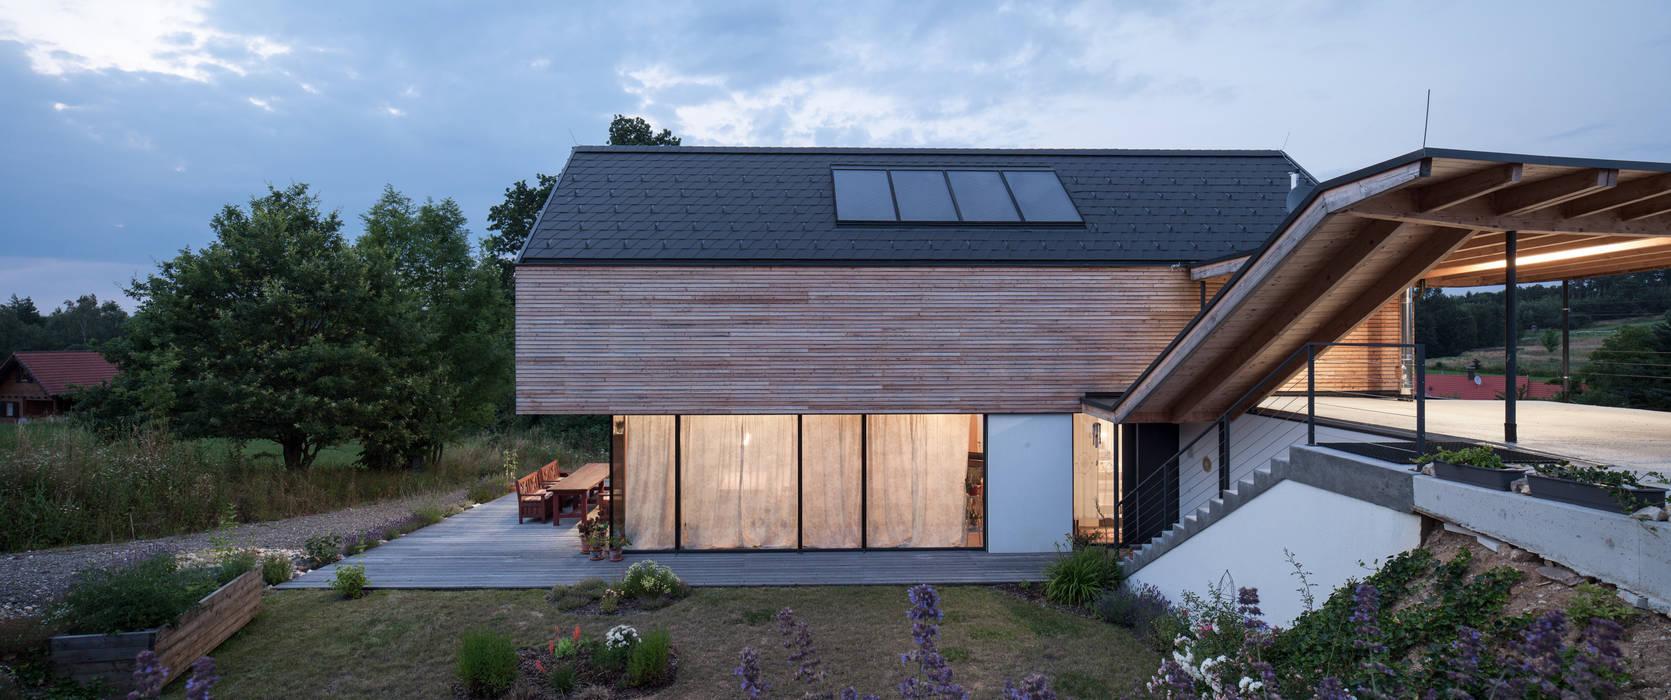 GOL 2 - Einfamilienhaus Moderne Häuser von g.o.y.a. Architekten Modern